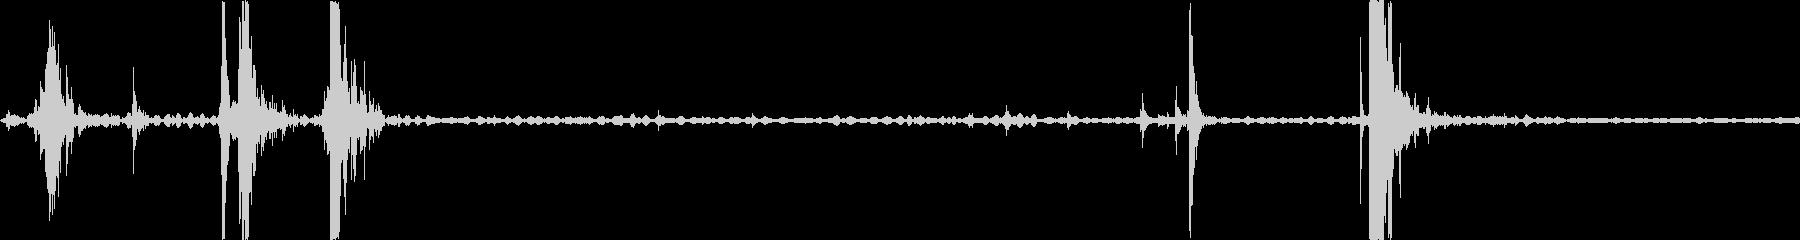 スカウトトラック:後部ハッチの開閉。の未再生の波形